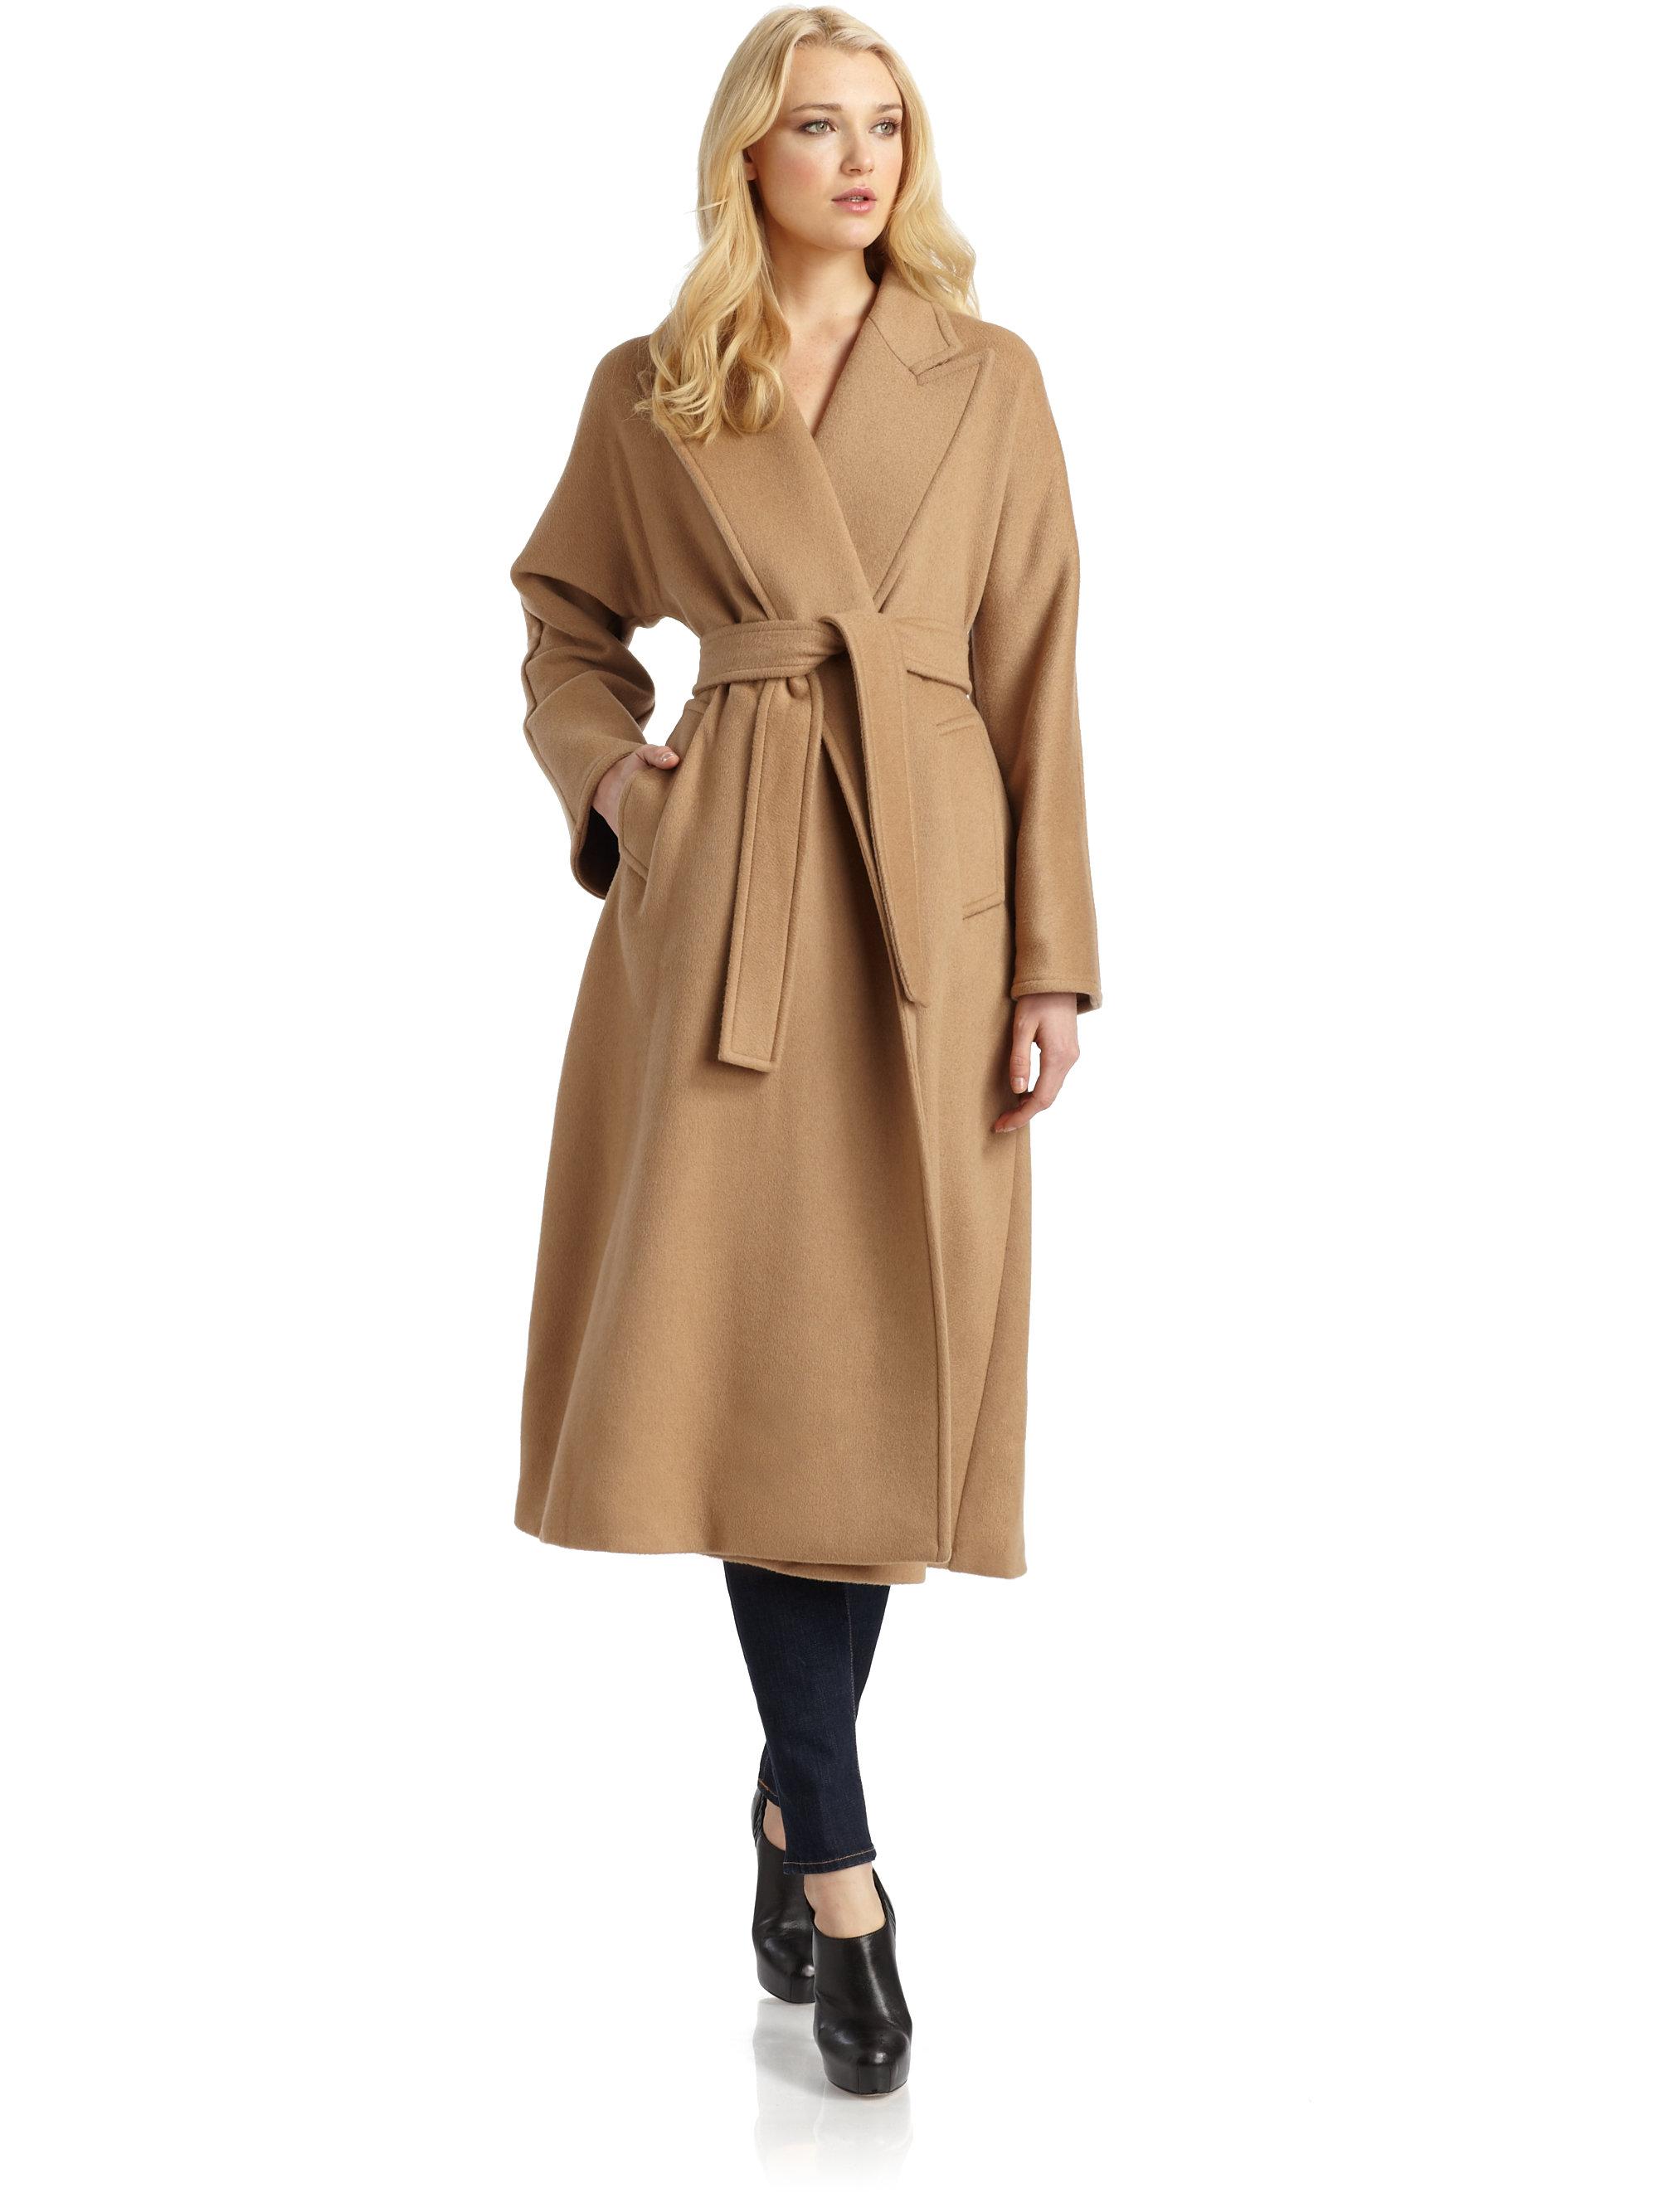 Camel hair coat women